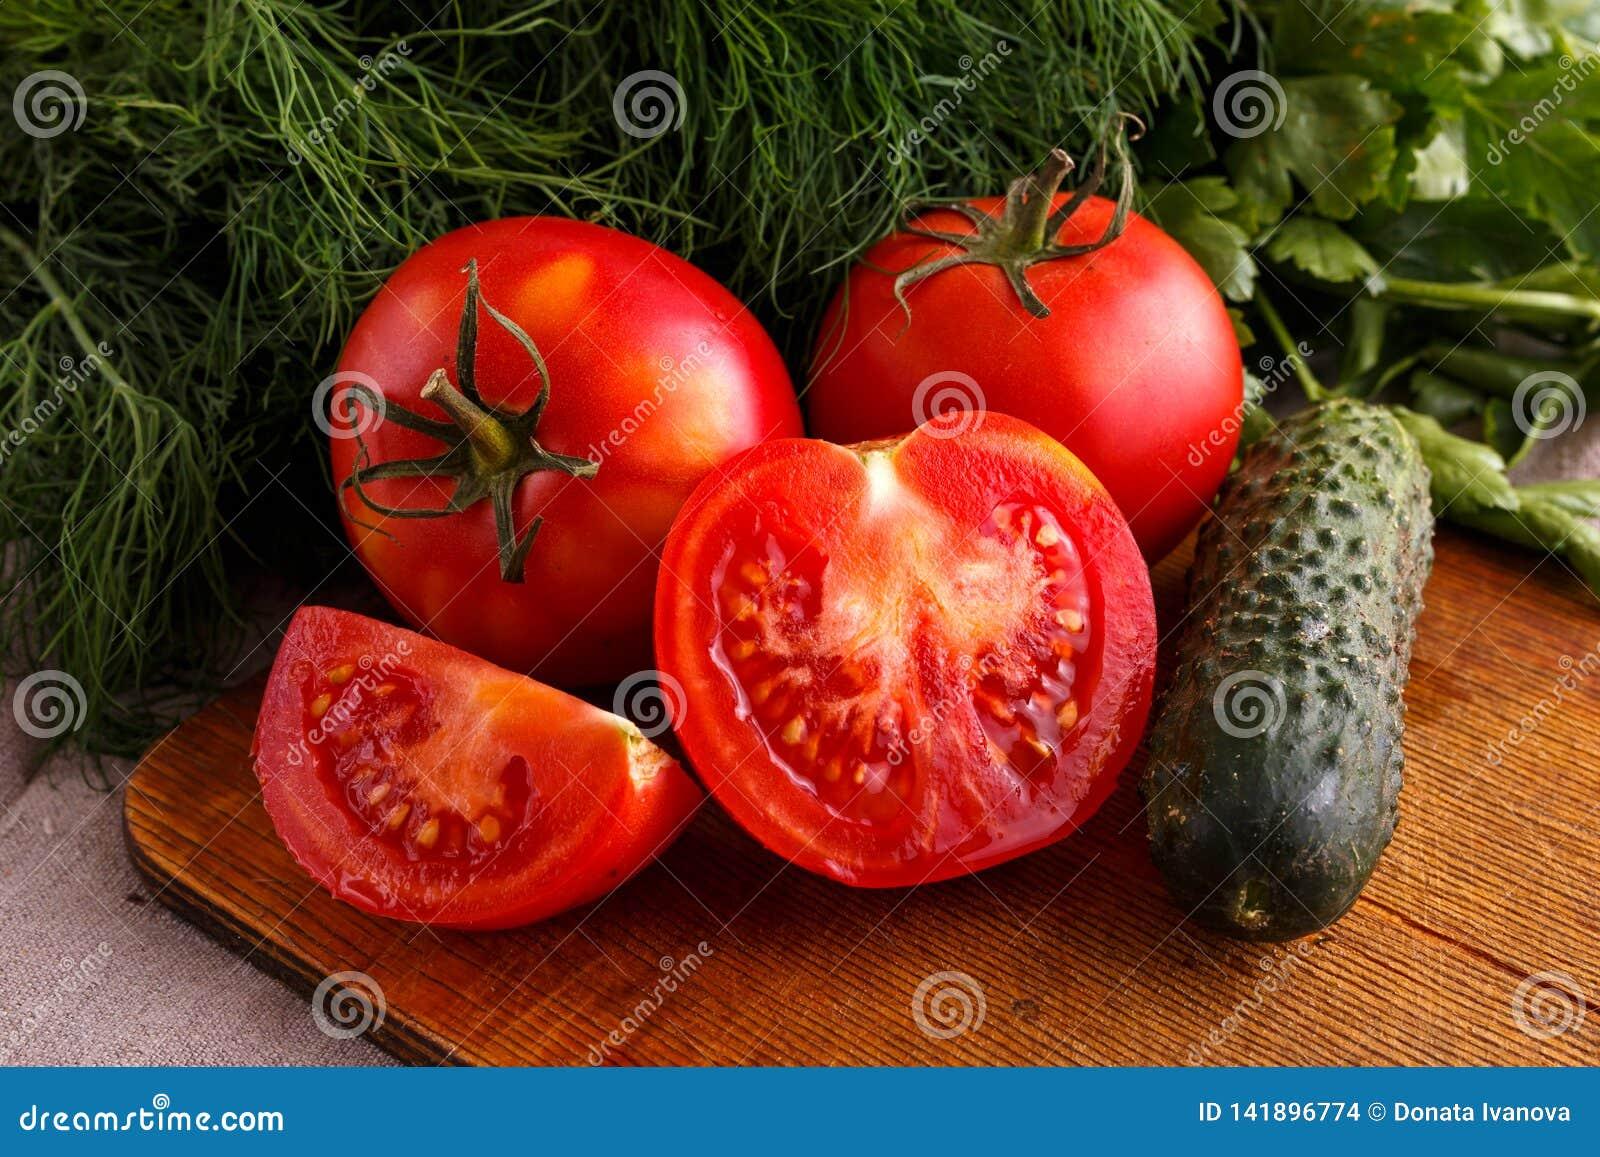 Λαχανικά, ώριμες, κόκκινες ντομάτες και πράσινα αγγούρια